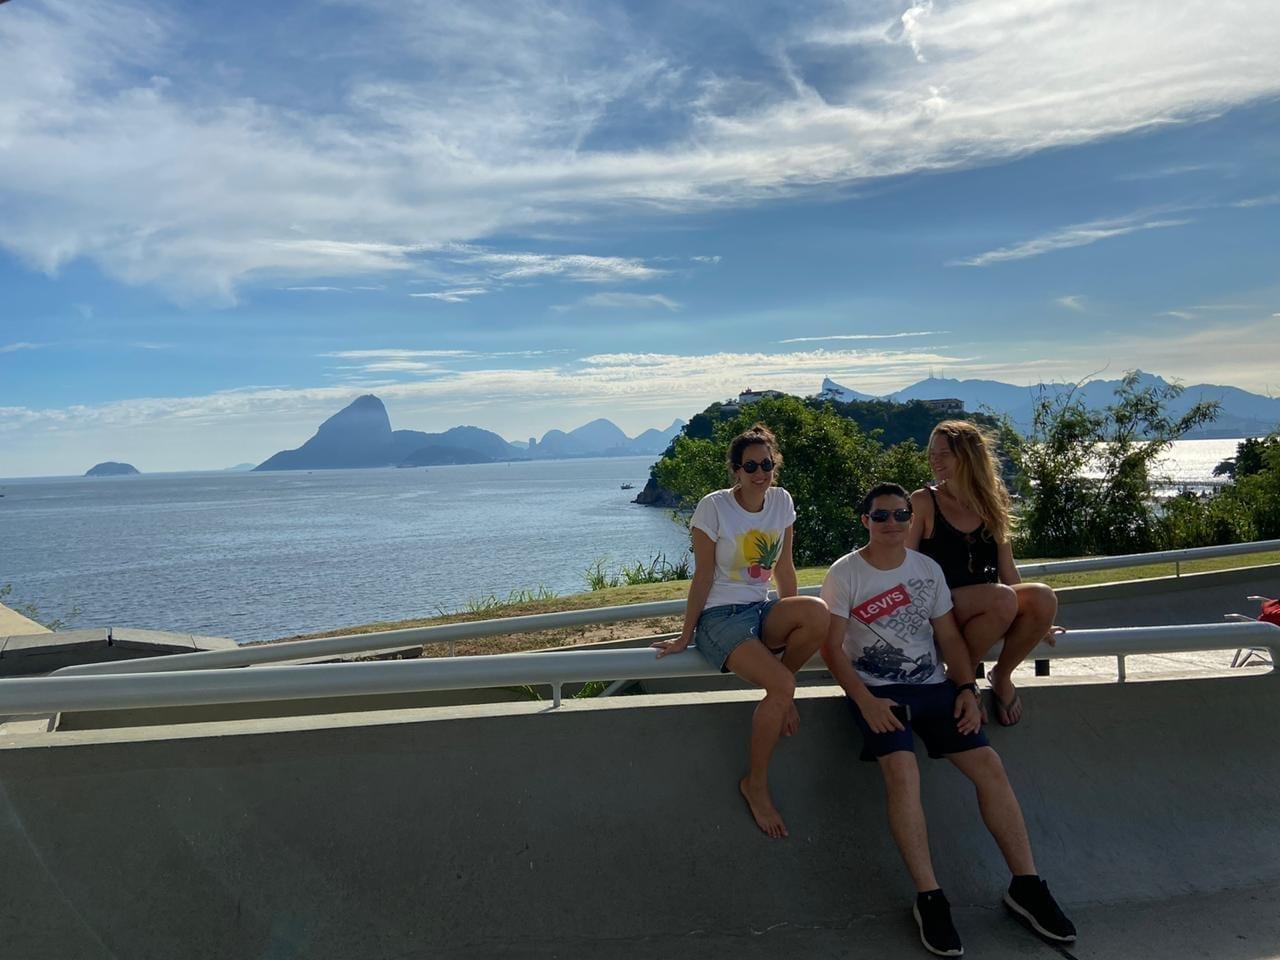 Alunos no MAC em Niterói em frente ao Pão de Açúcar